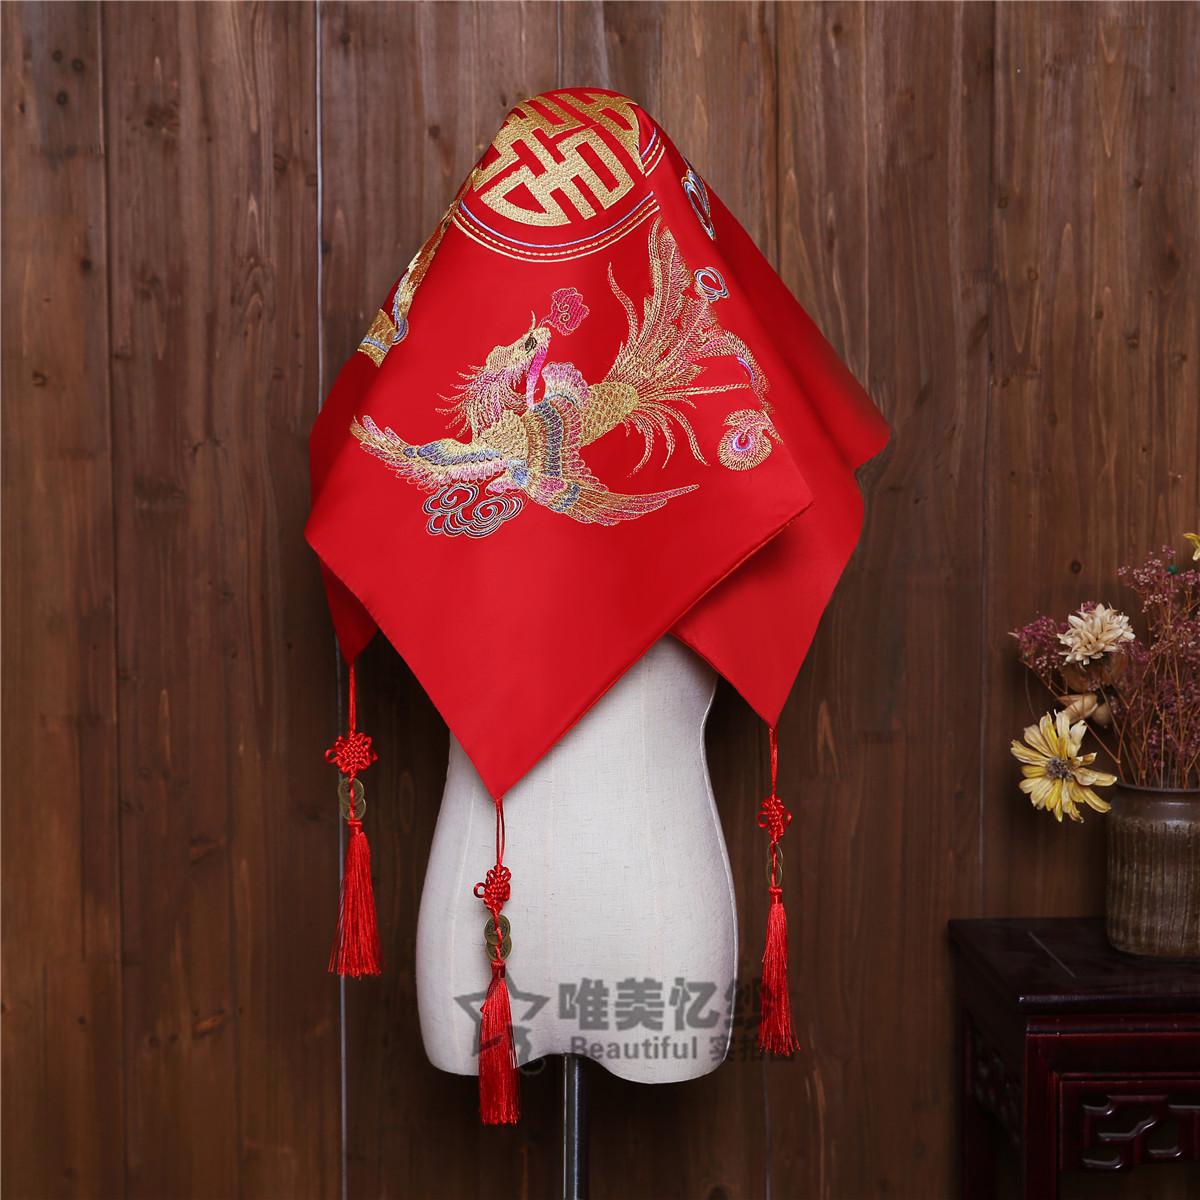 Новый женщина корпус Голова китайского стиля свадебное Вышивка Дракона и Феникса свадебное насыщенно-красный корпус Вуаль 2018 новая коллекция Satin винтаж